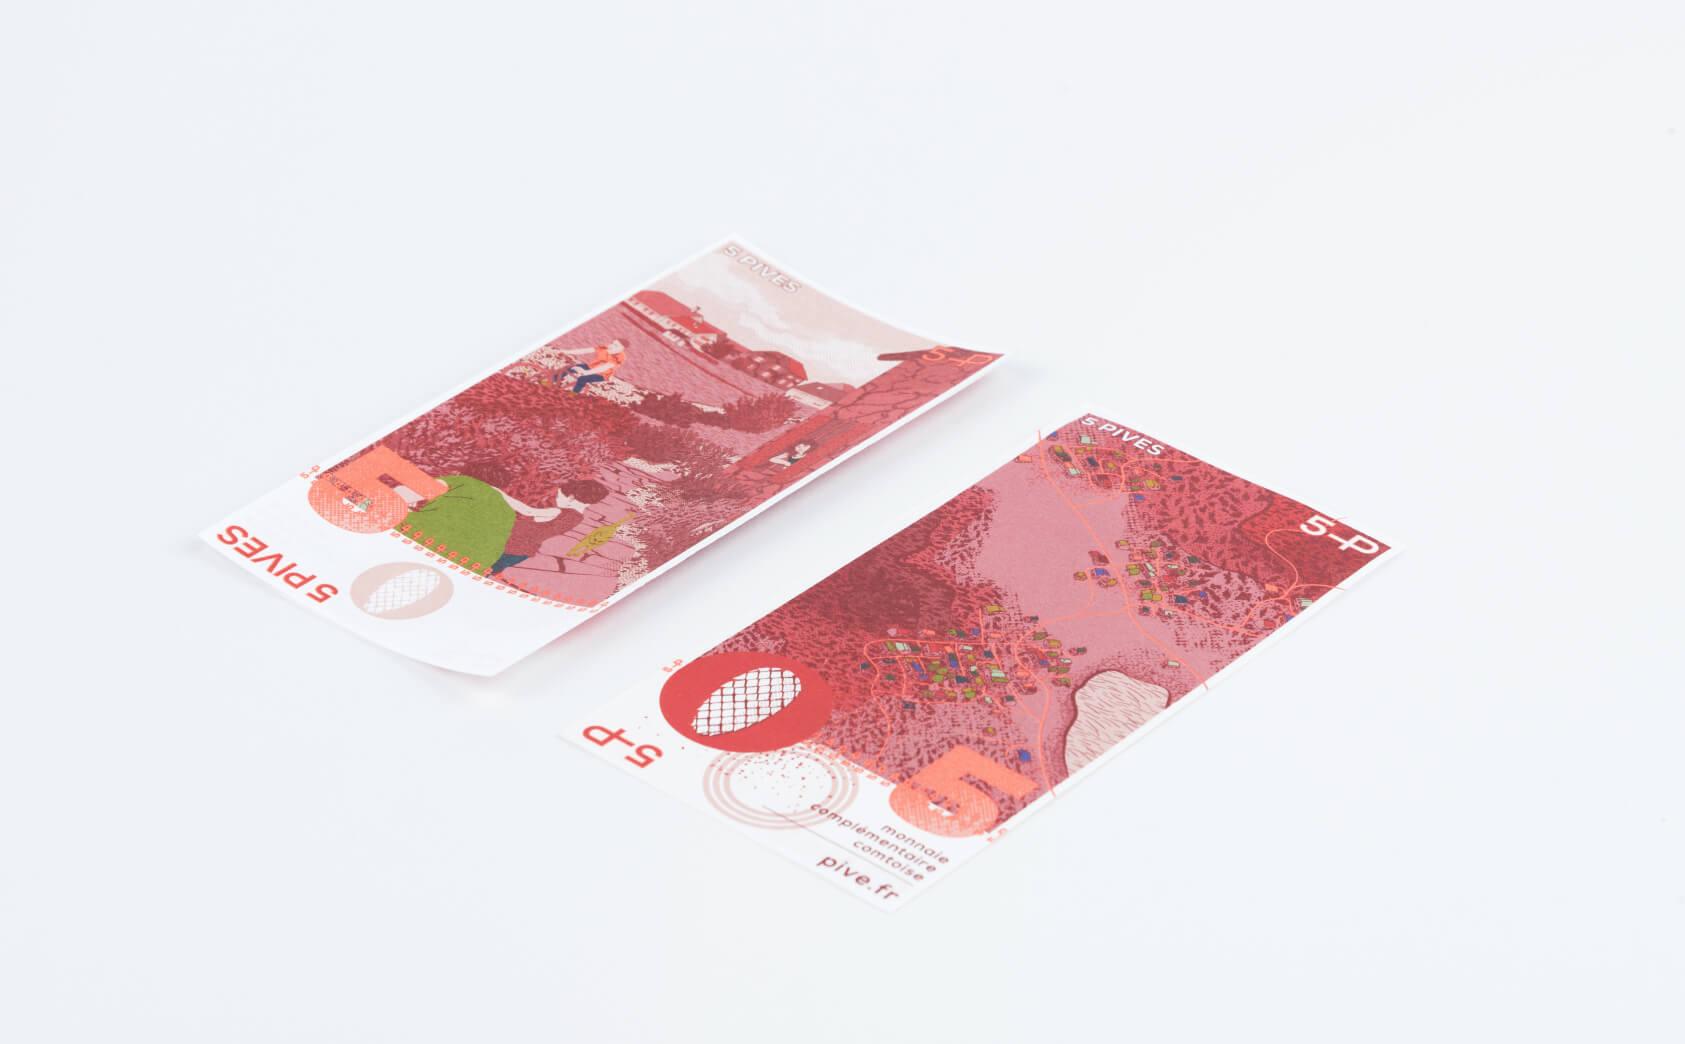 Dessin des billets de la pive, monnaie locale comtoise.